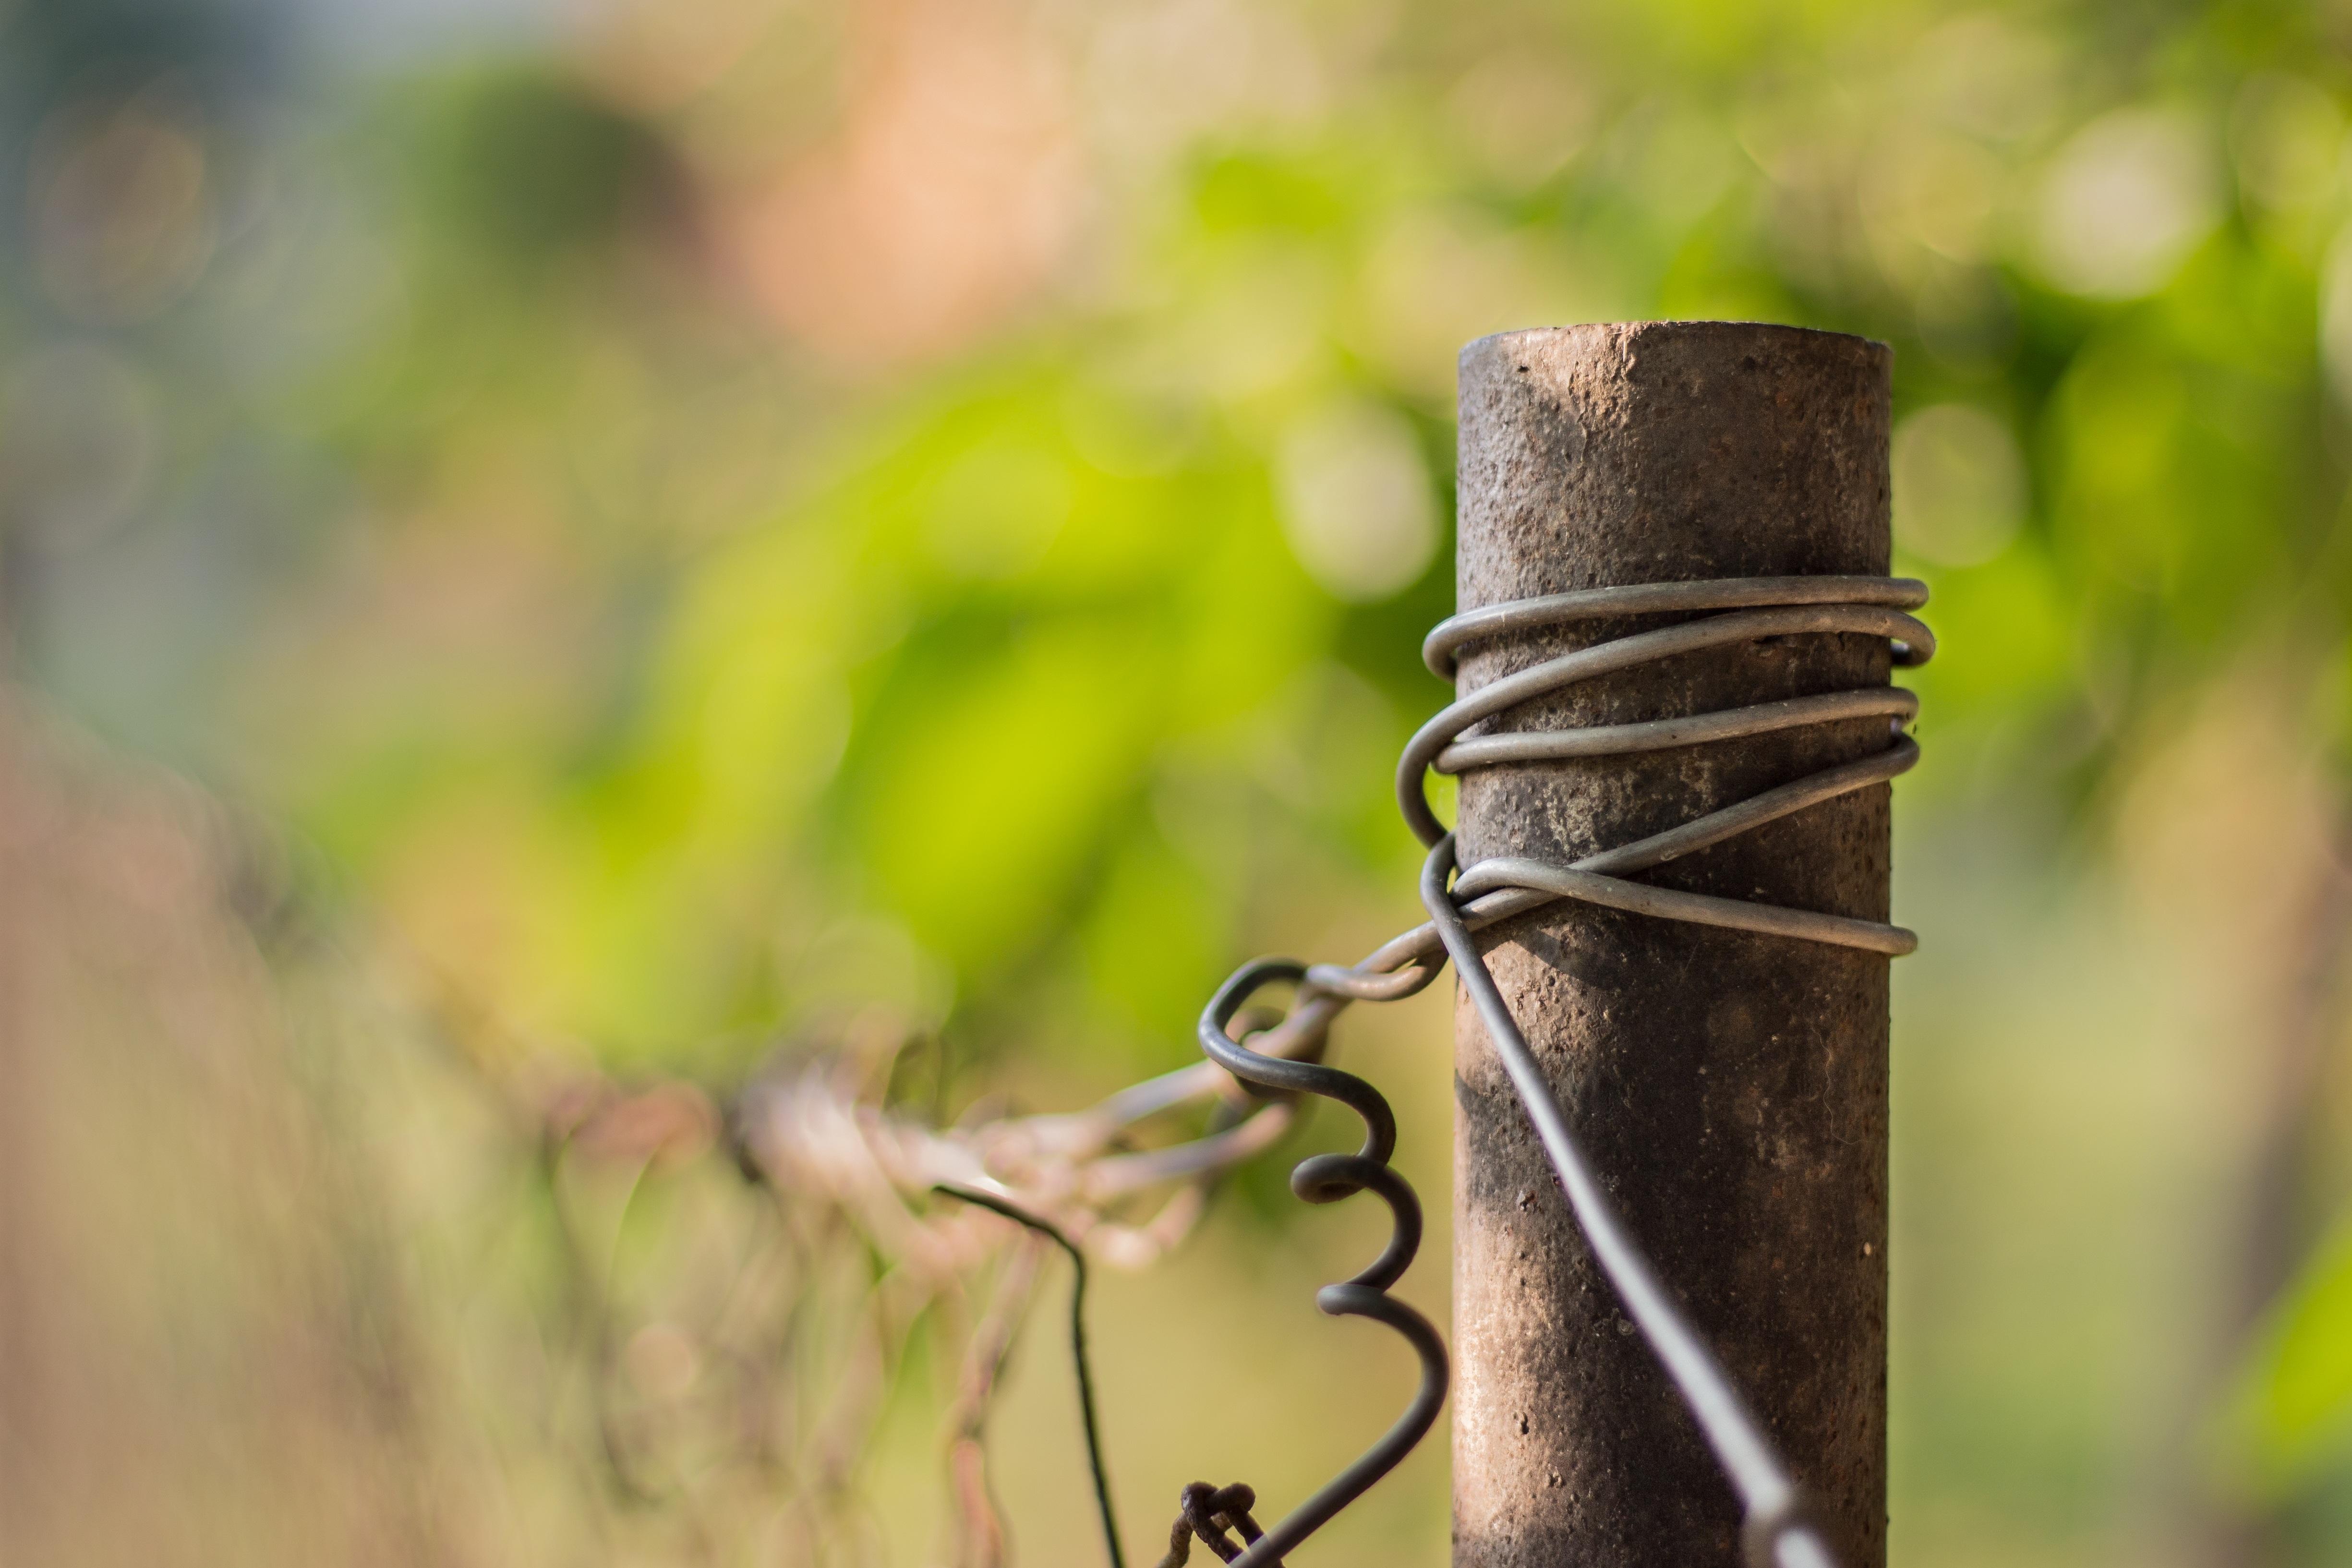 Kostenlose foto : Baum, Natur, Gras, draussen, Ast, Zaun, die ...